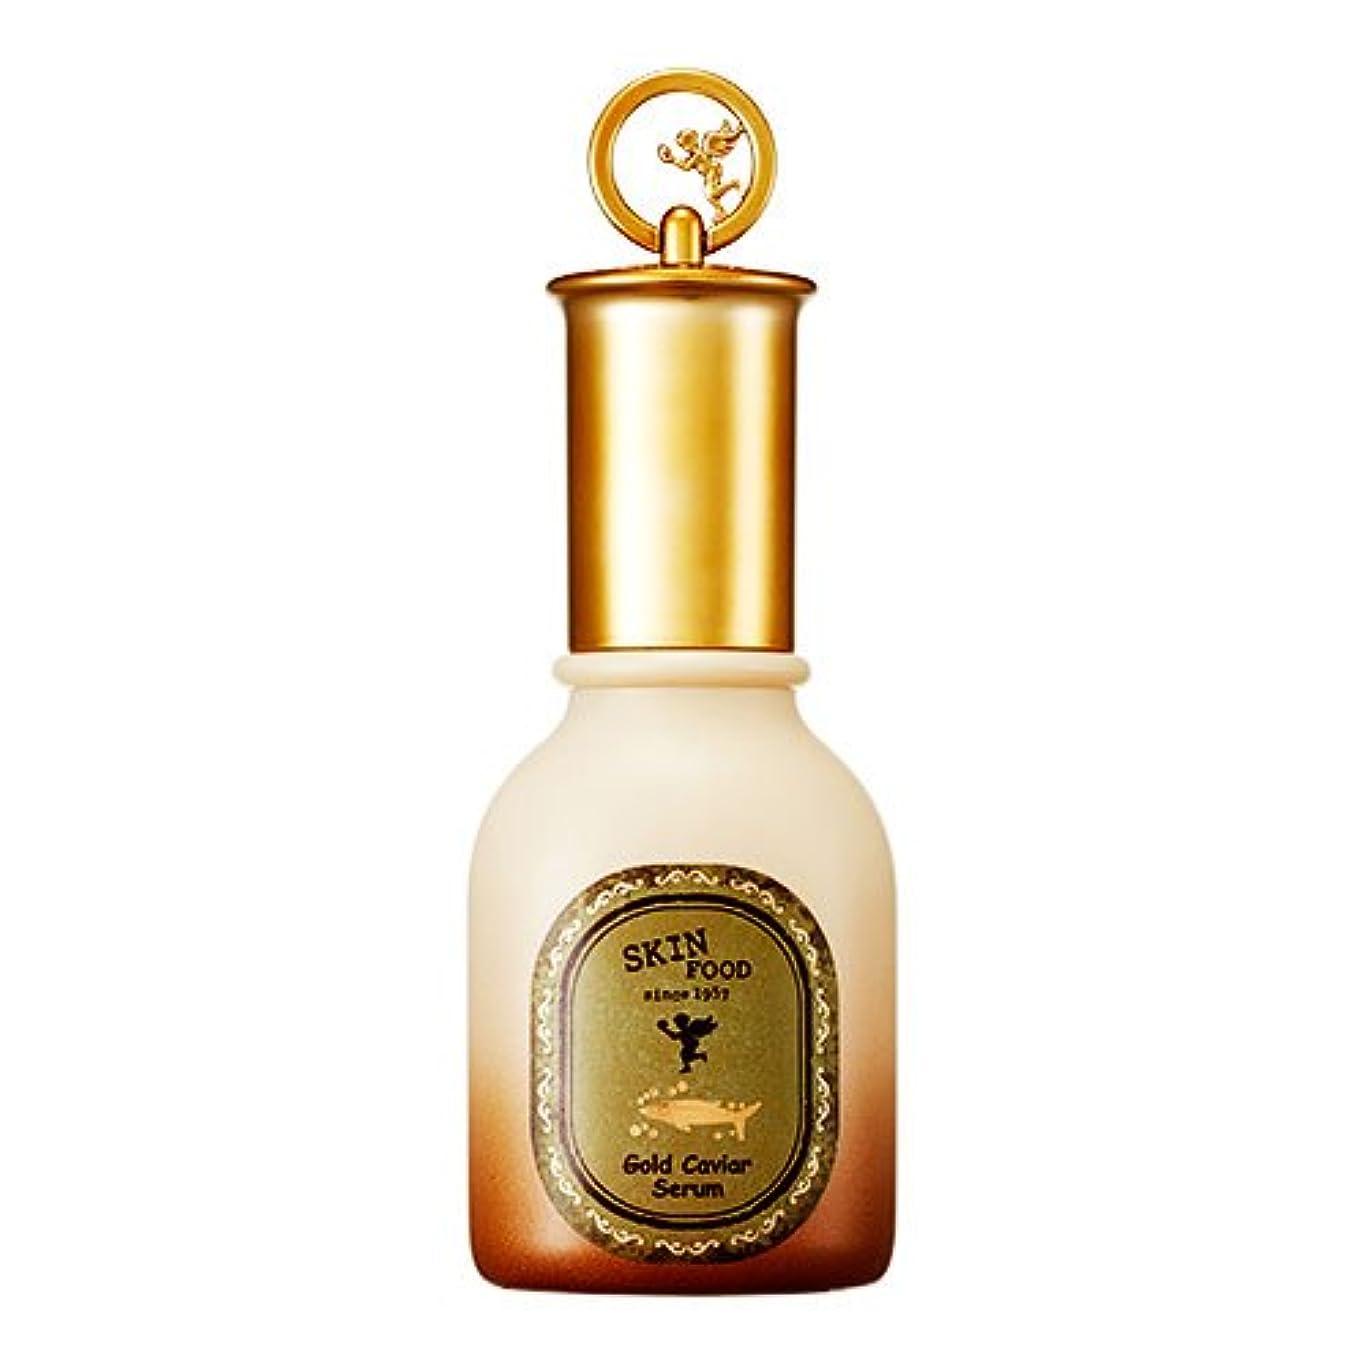 絶対のライナーウッズSkinfood ゴールドキャビアセラム(しわケア) / Gold Caviar Serum (wrinkle care) 45ml [並行輸入品]